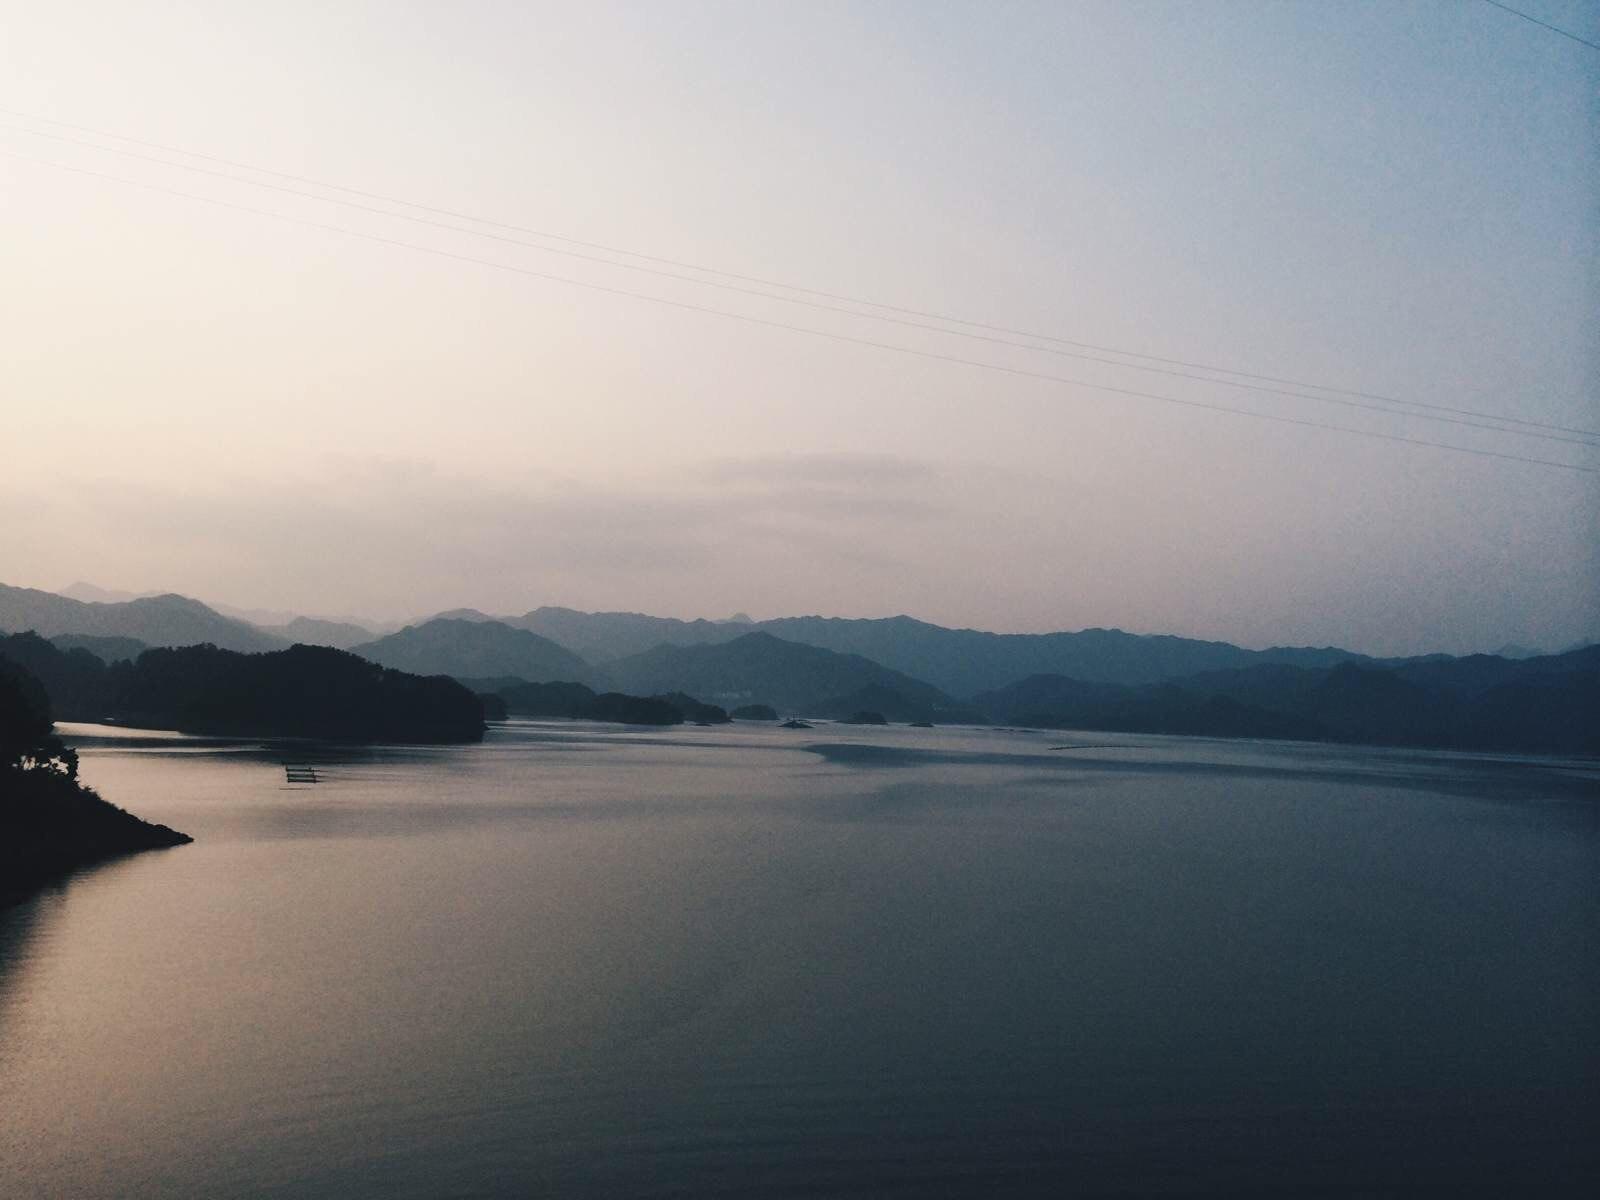 从千岛湖游船码头附近租车点往北经千岛湖大桥,往红叶湾,过小金山